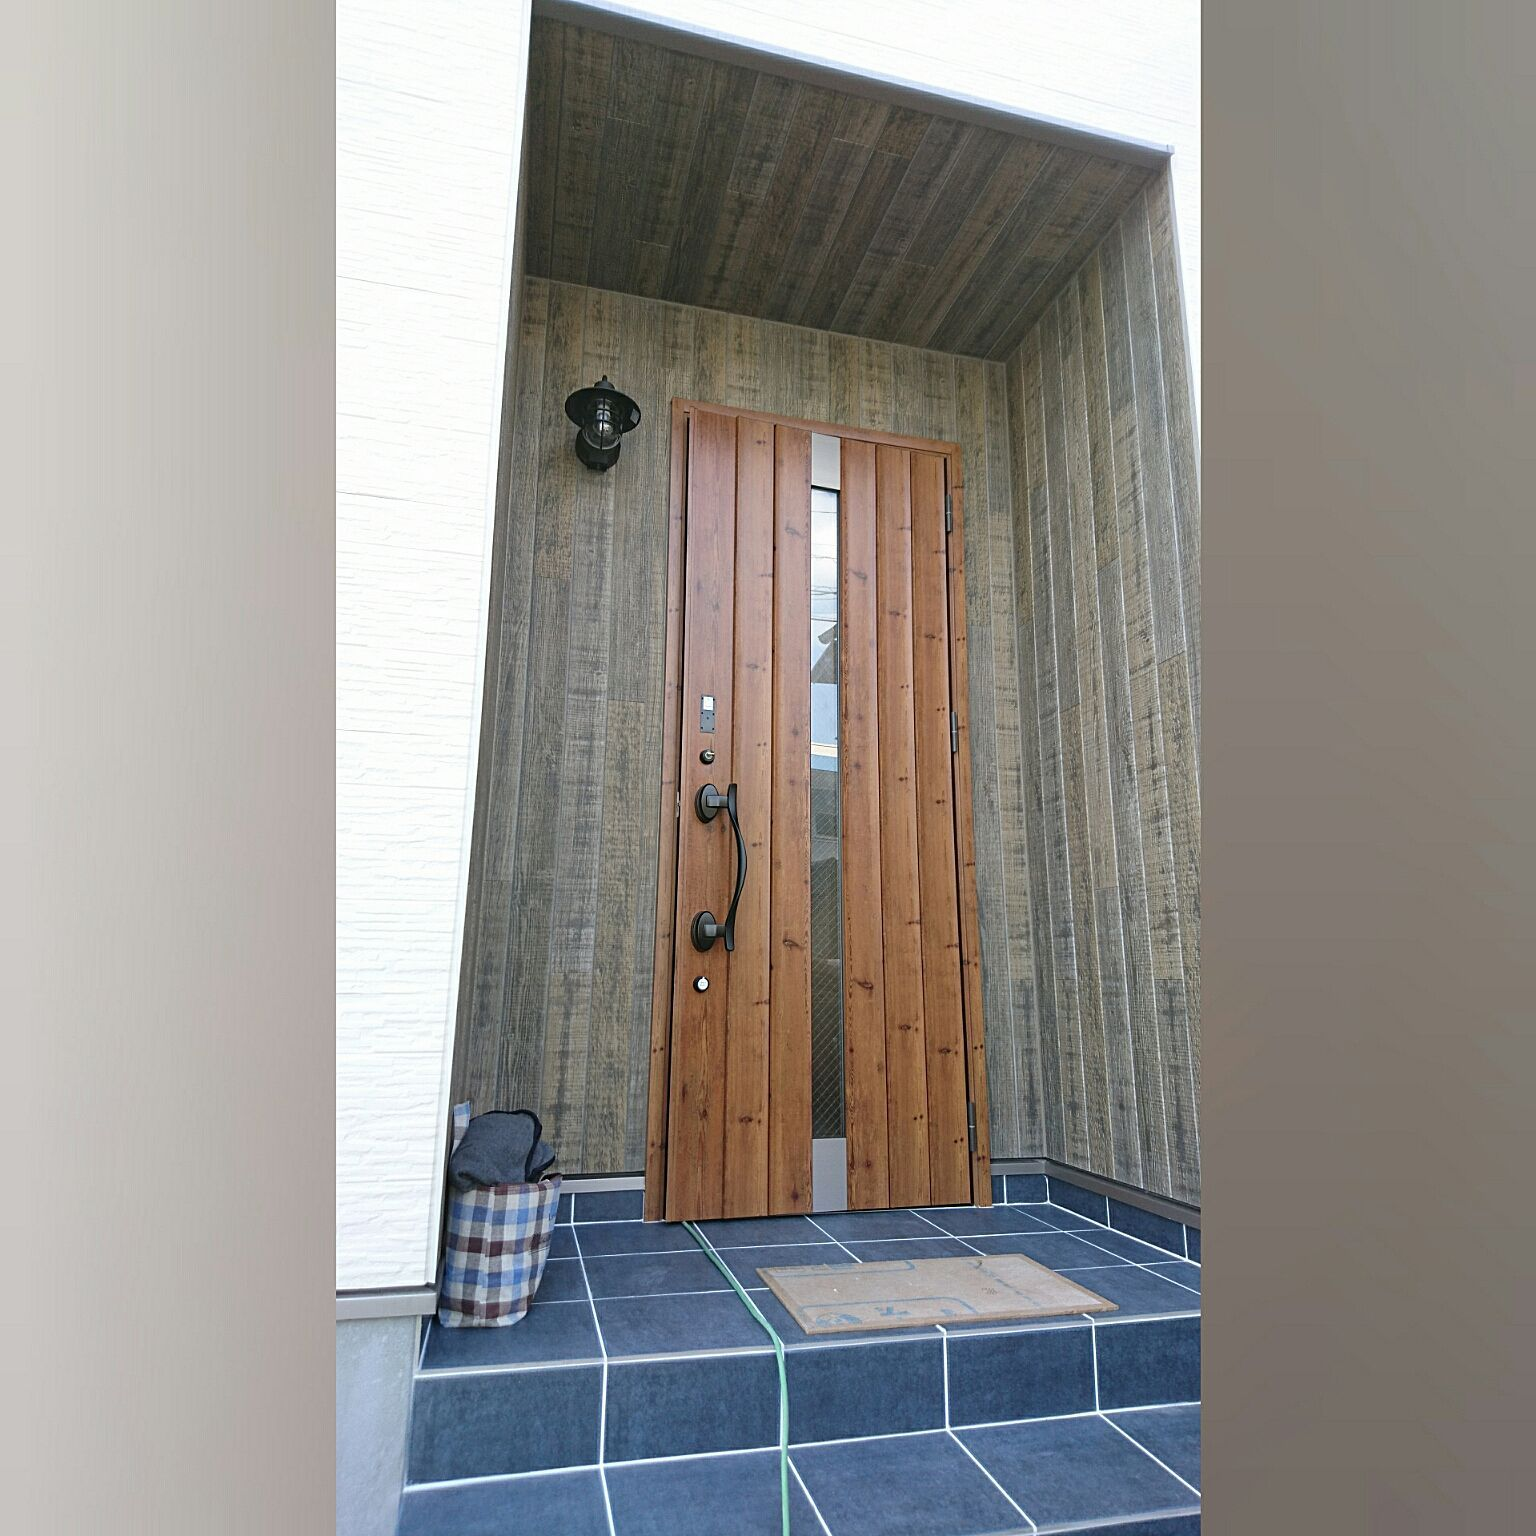 玄関 入り口 Lixil玄関ドア エストレモウッド Lixil 玄関ドア などのインテリア実例 2017 03 12 11 07 00 Roomclip ルームクリップ 玄関 Lixil 玄関ドア 玄関